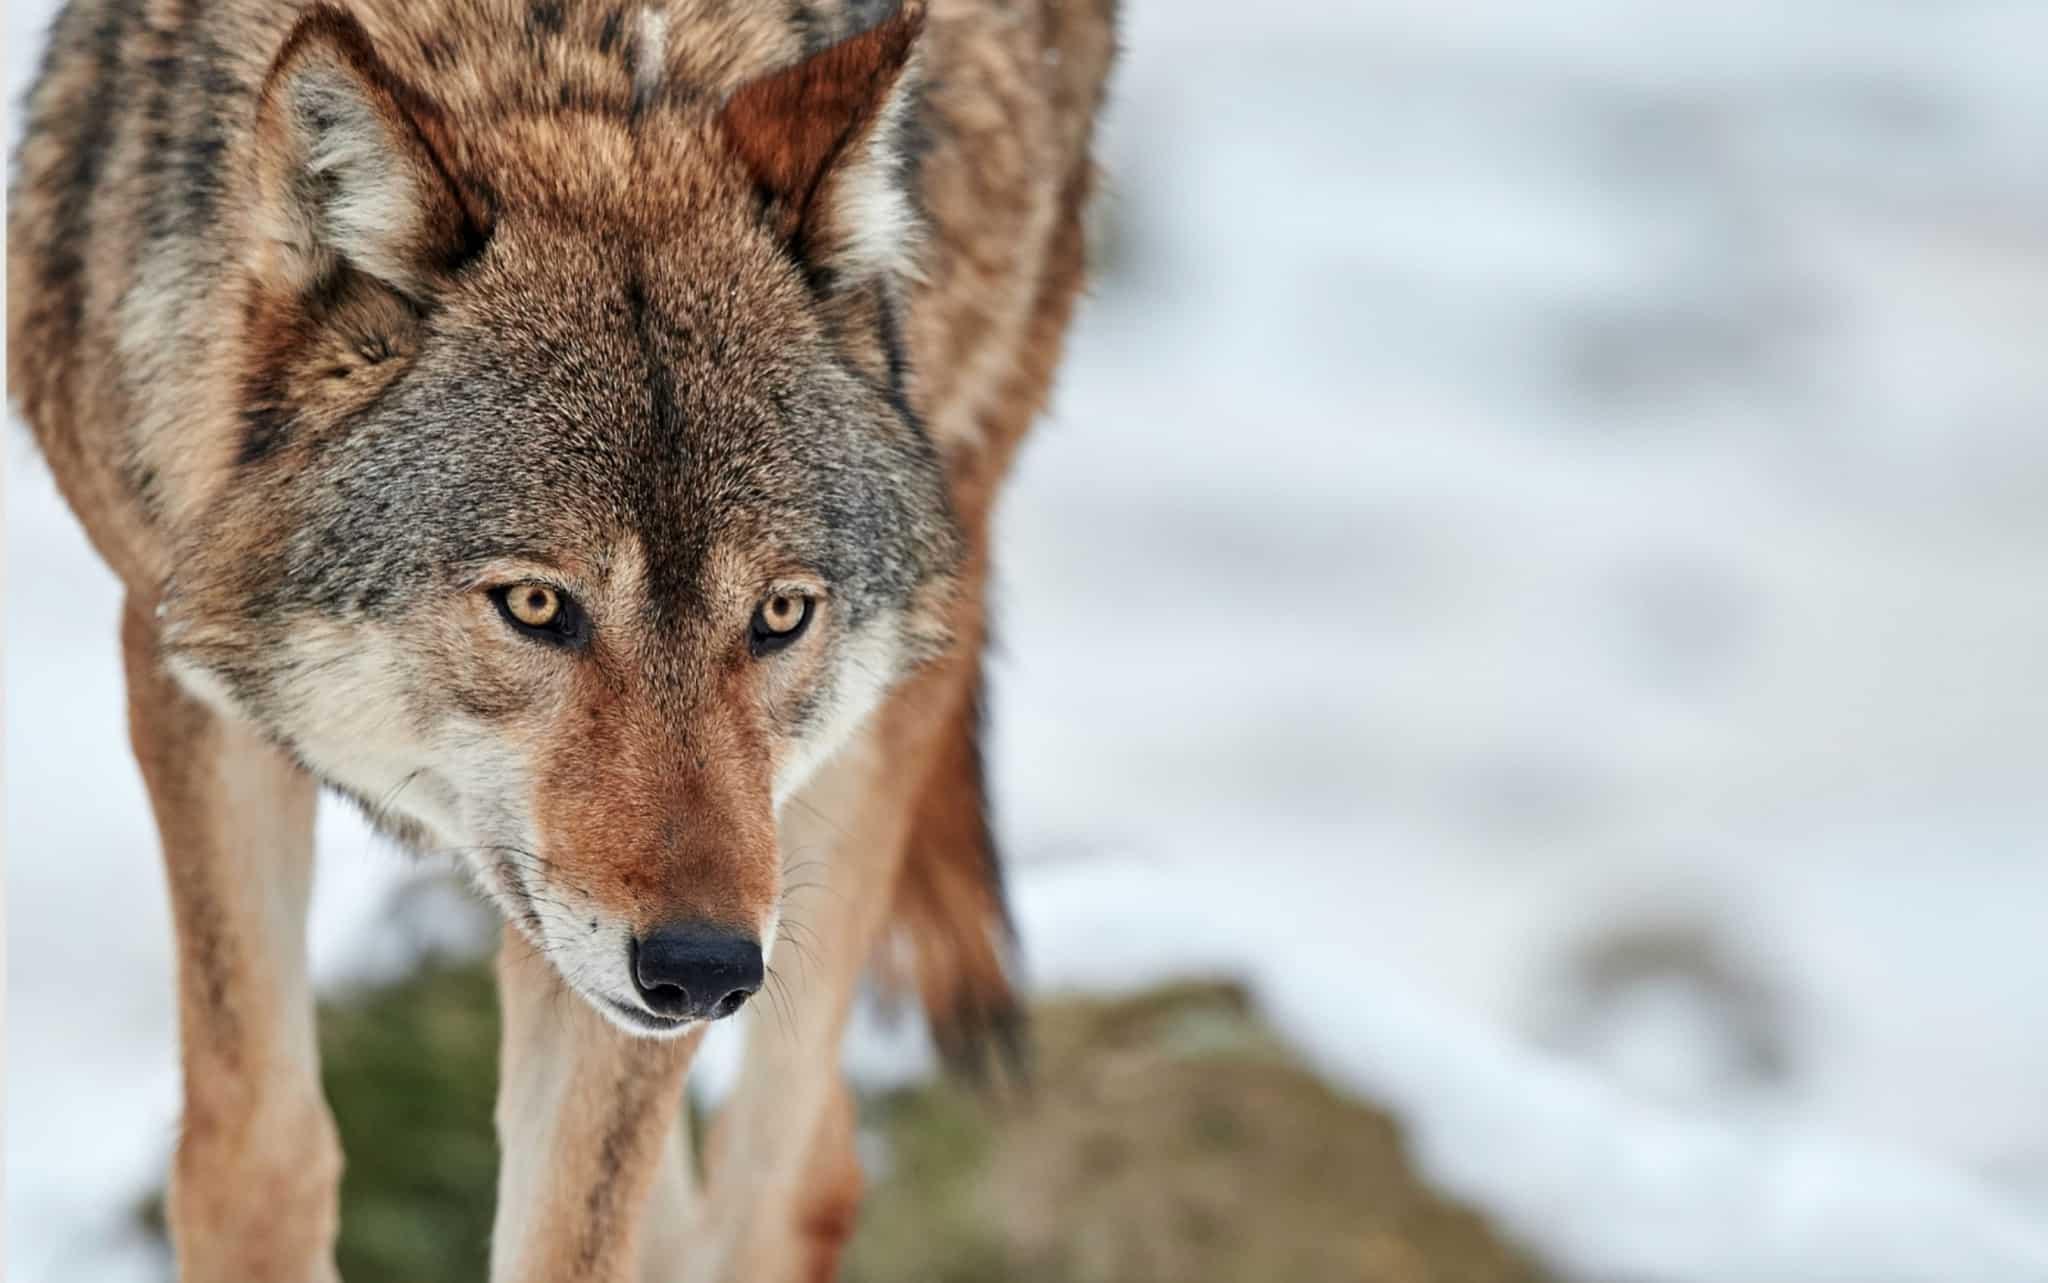 Totalt får 22 vargar fällas vid 2018 års licensjakt. Foto: Mostphotos